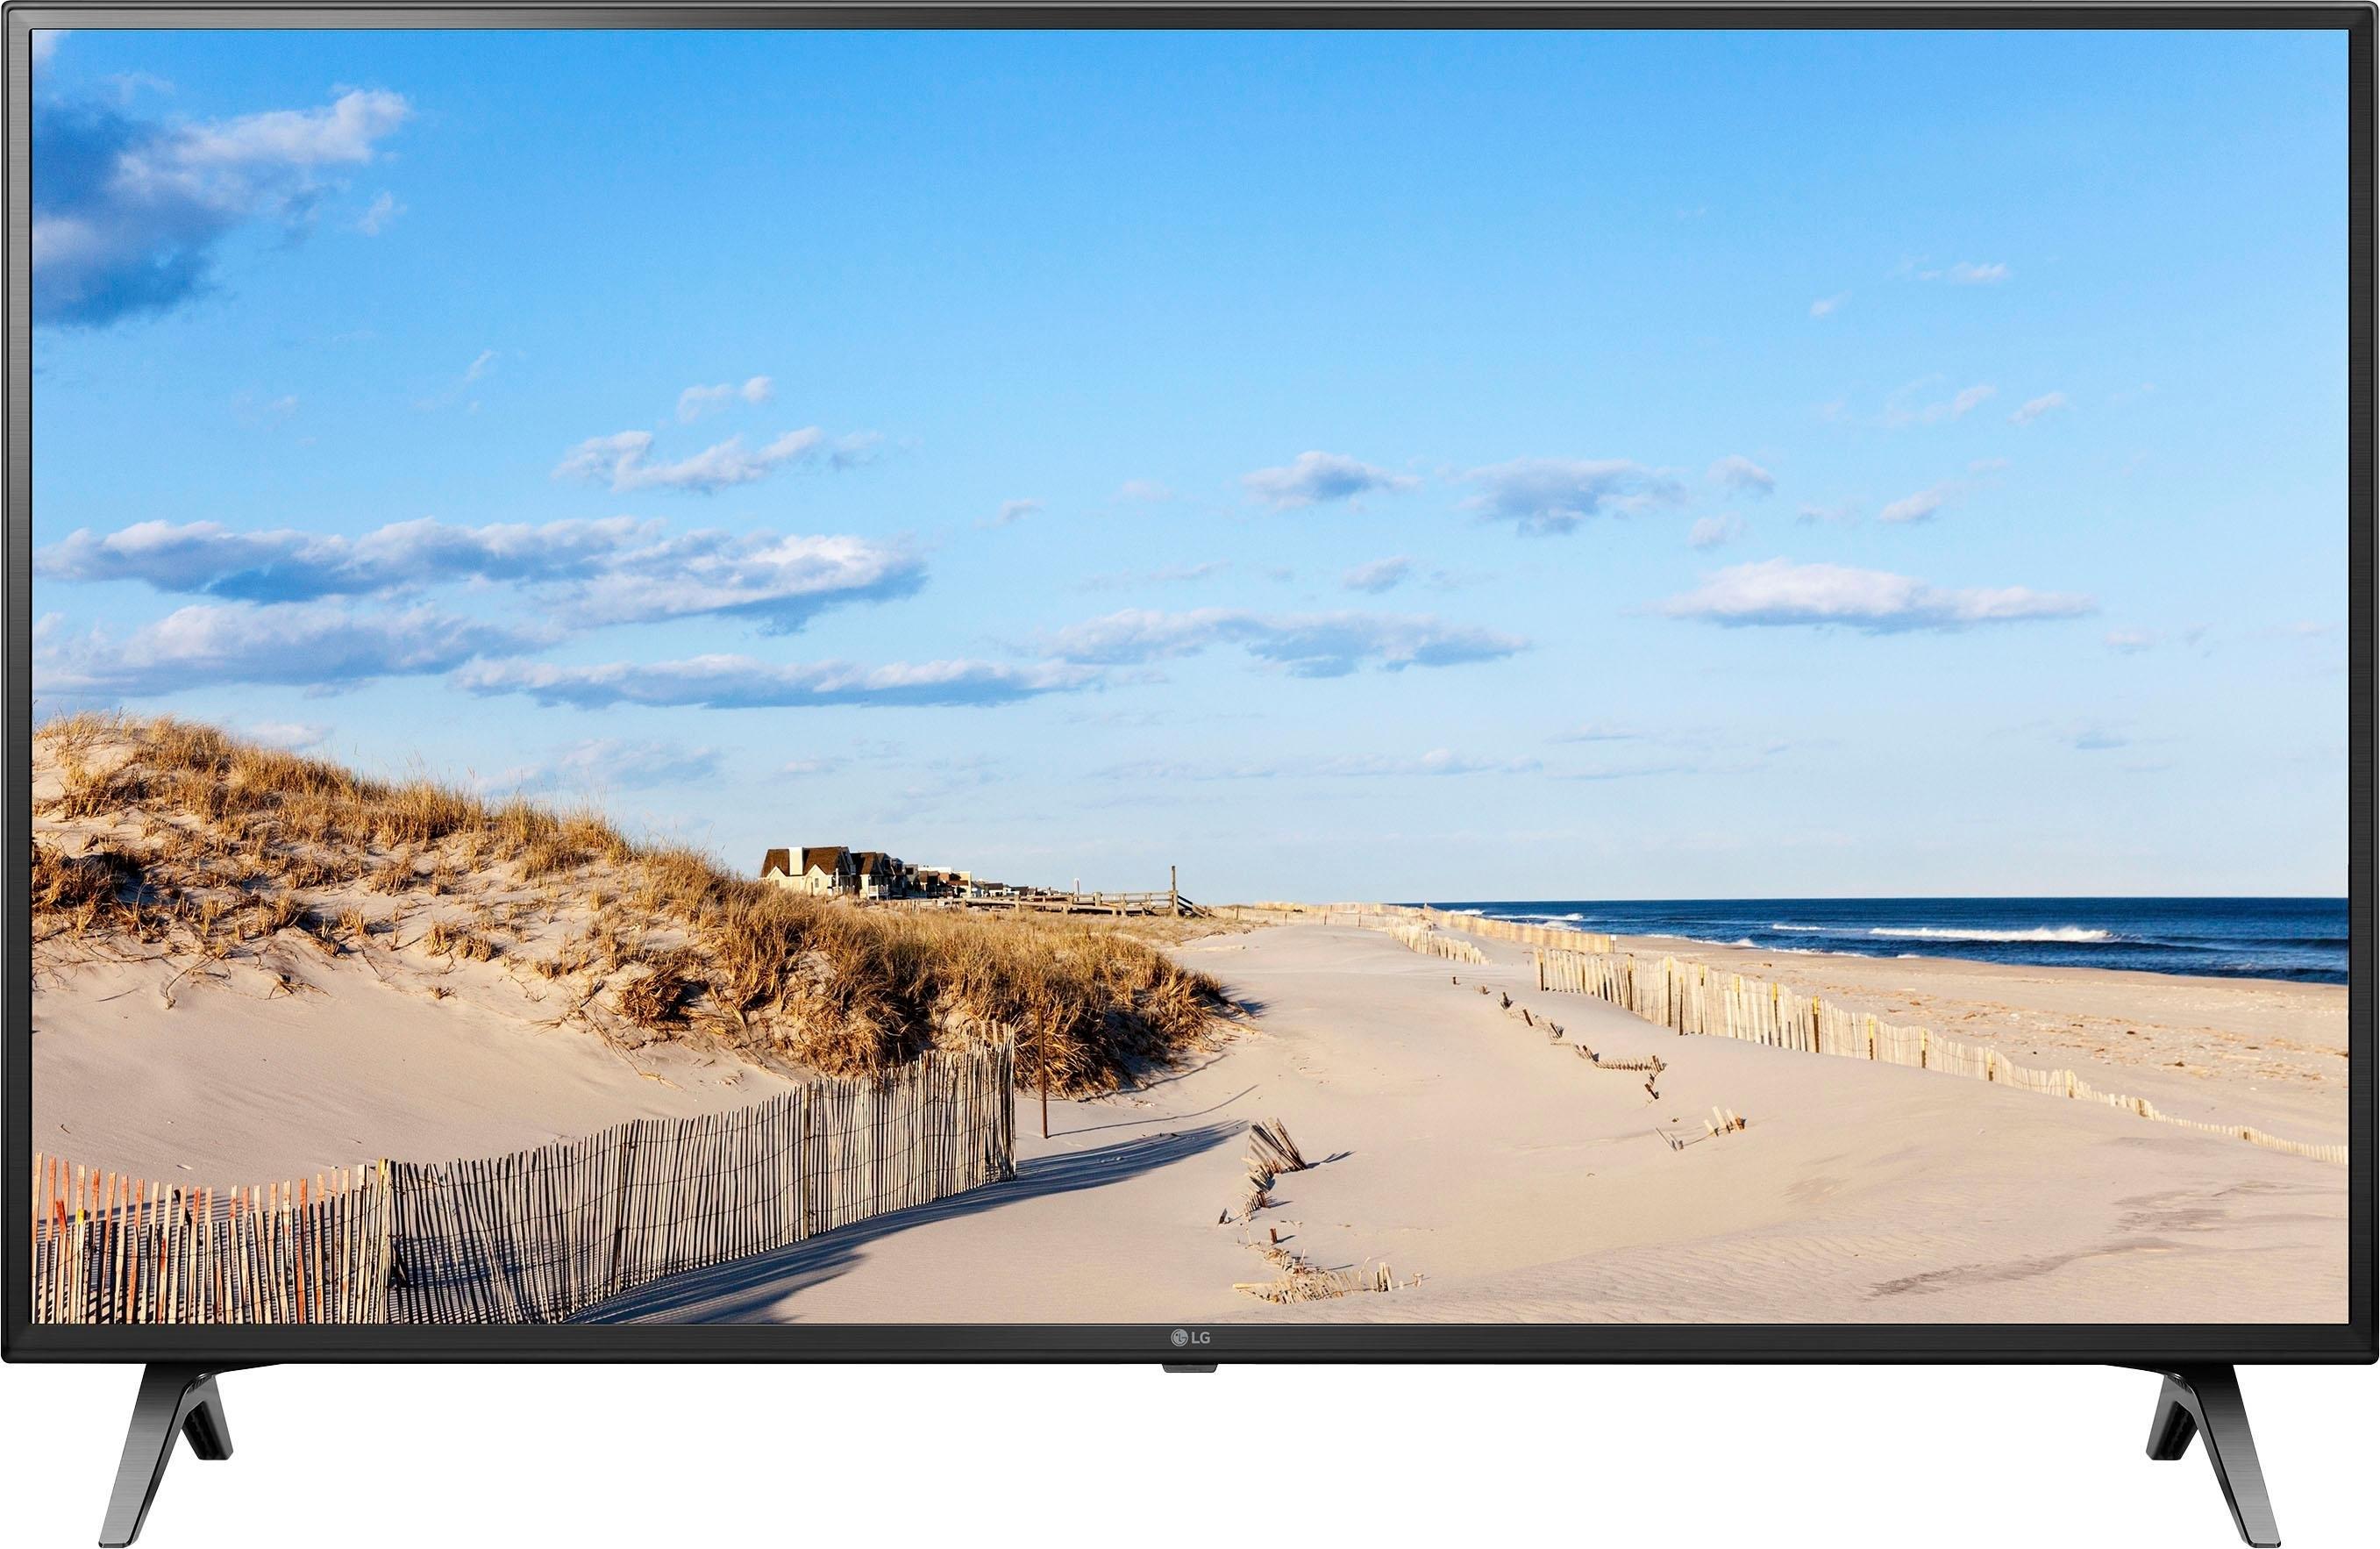 LG 49UM7000PLA led-tv (123 cm / 49 inch), 4K Ultra HD, smart-tv nu online bestellen